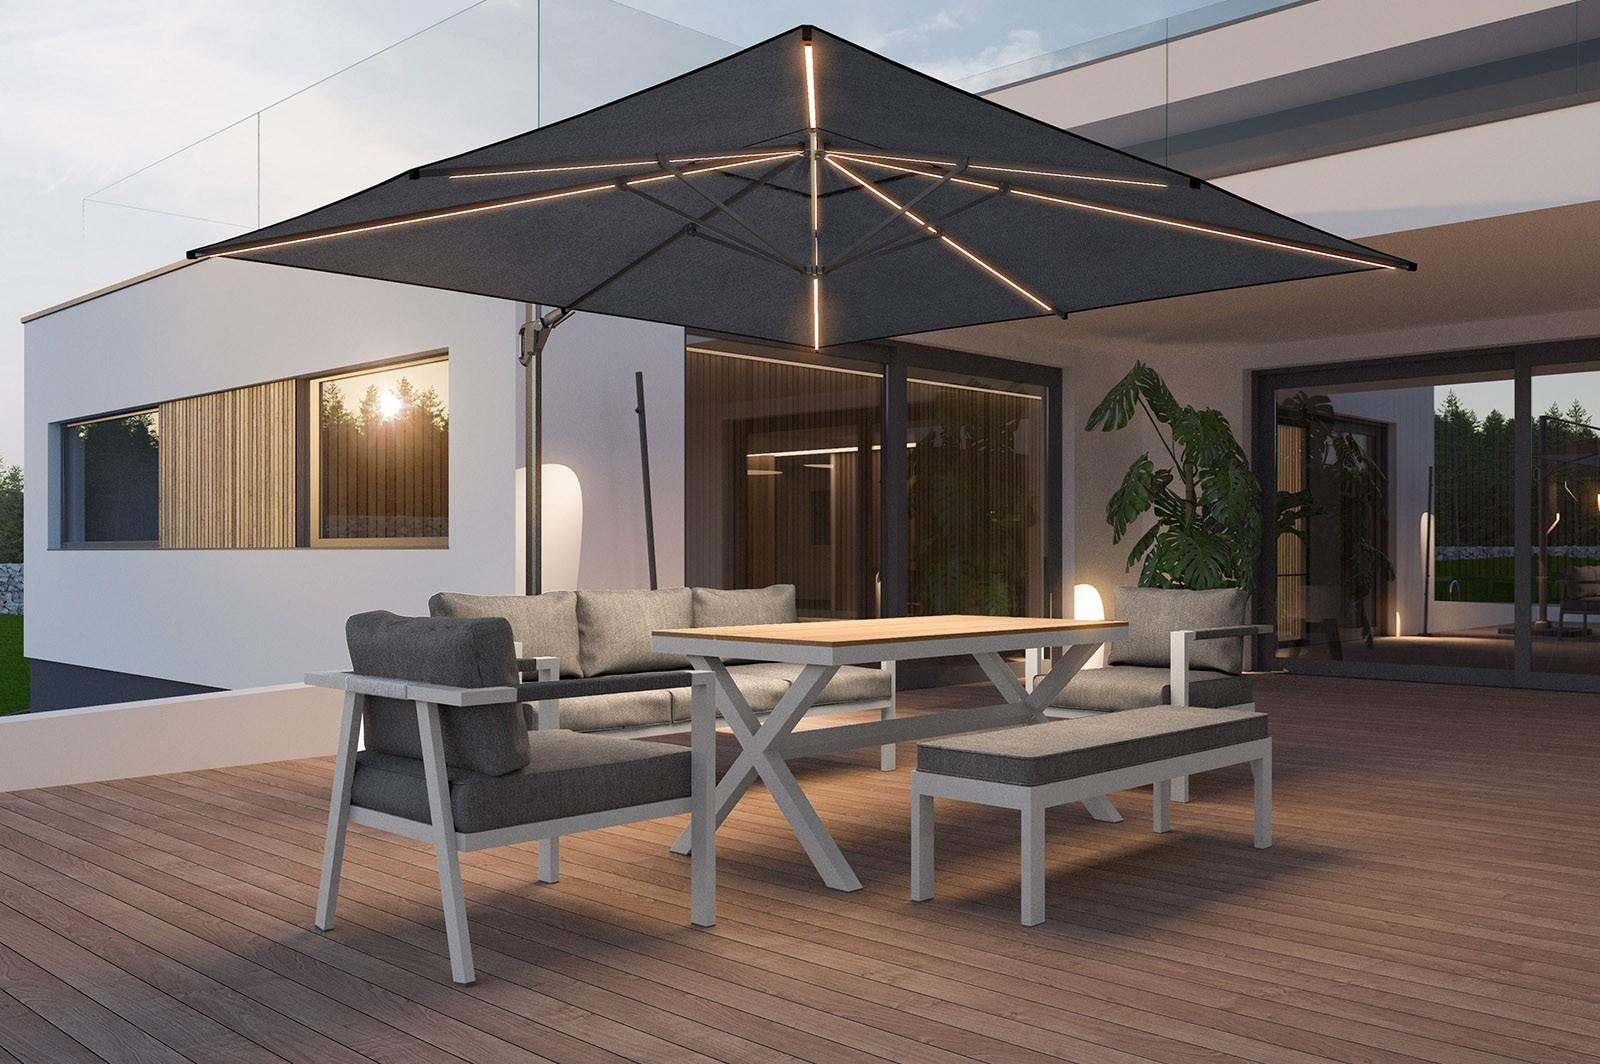 Zestaw balkonowy – wybierz odpowiedni komplet dla siebie i swoich bliskich